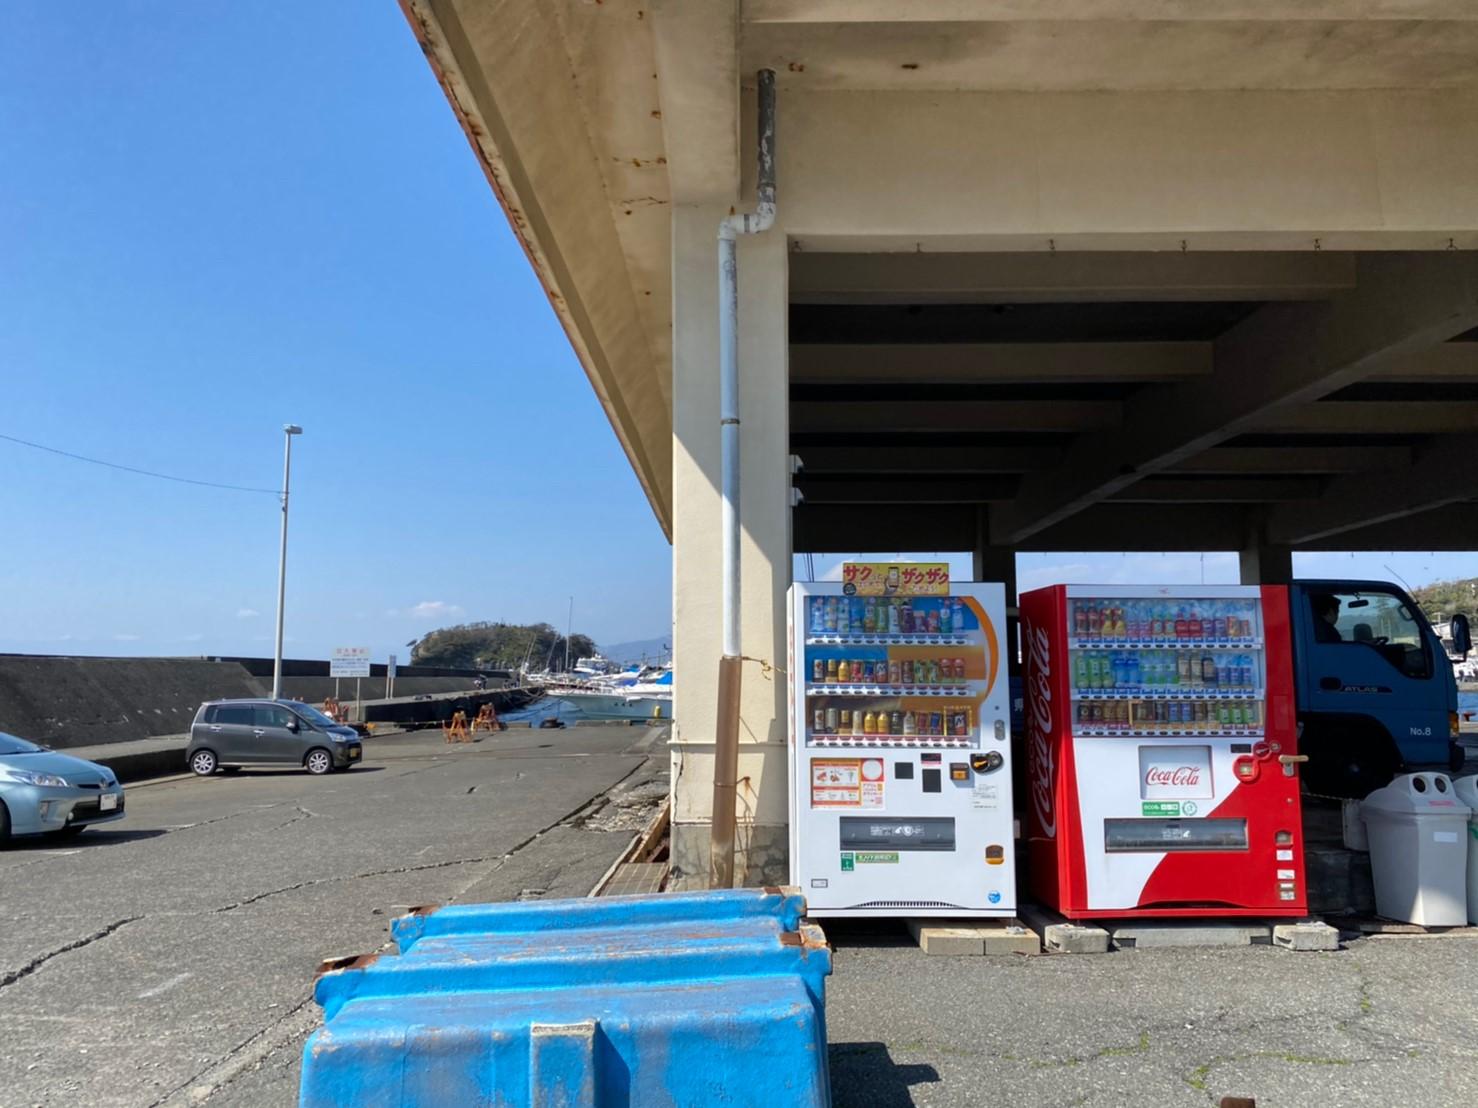 【沼津市】『静浦漁港』の釣り場ガイド(釣れる魚・駐車場)